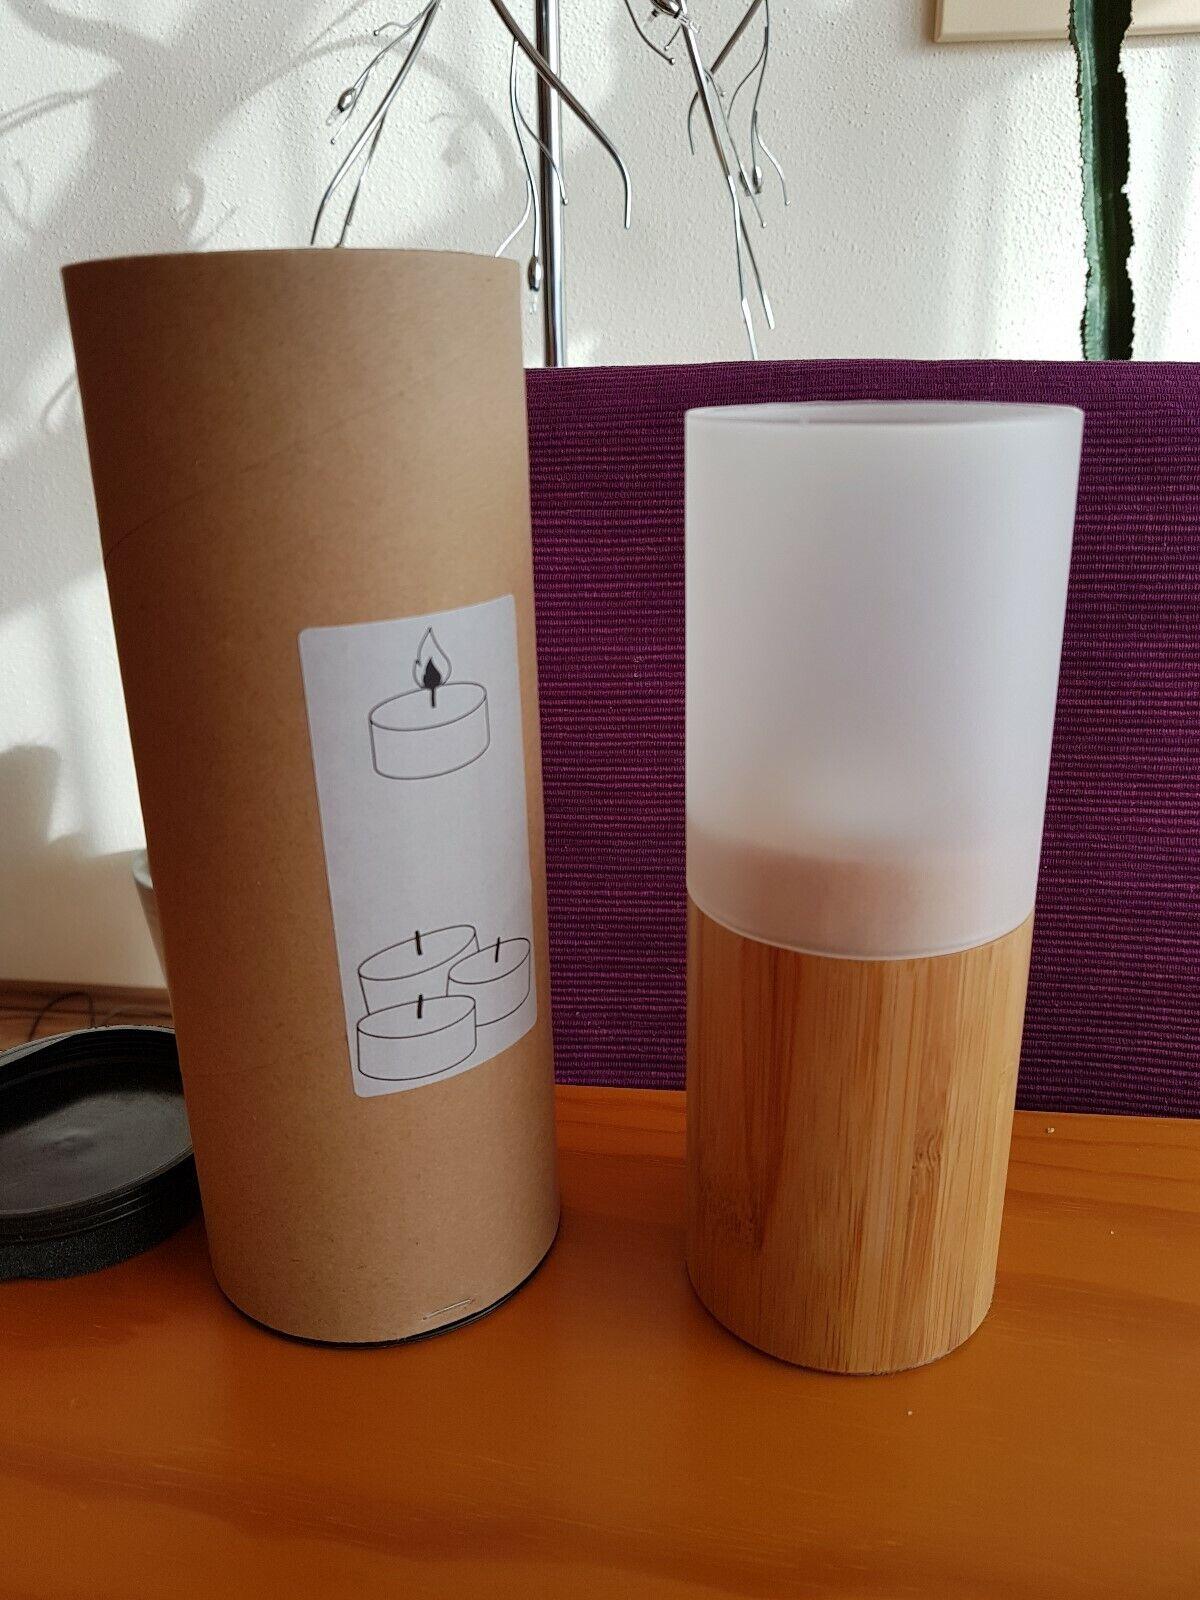 Teelichthalter asiatisch aus Bambus für innen und außen mit Glaskörper